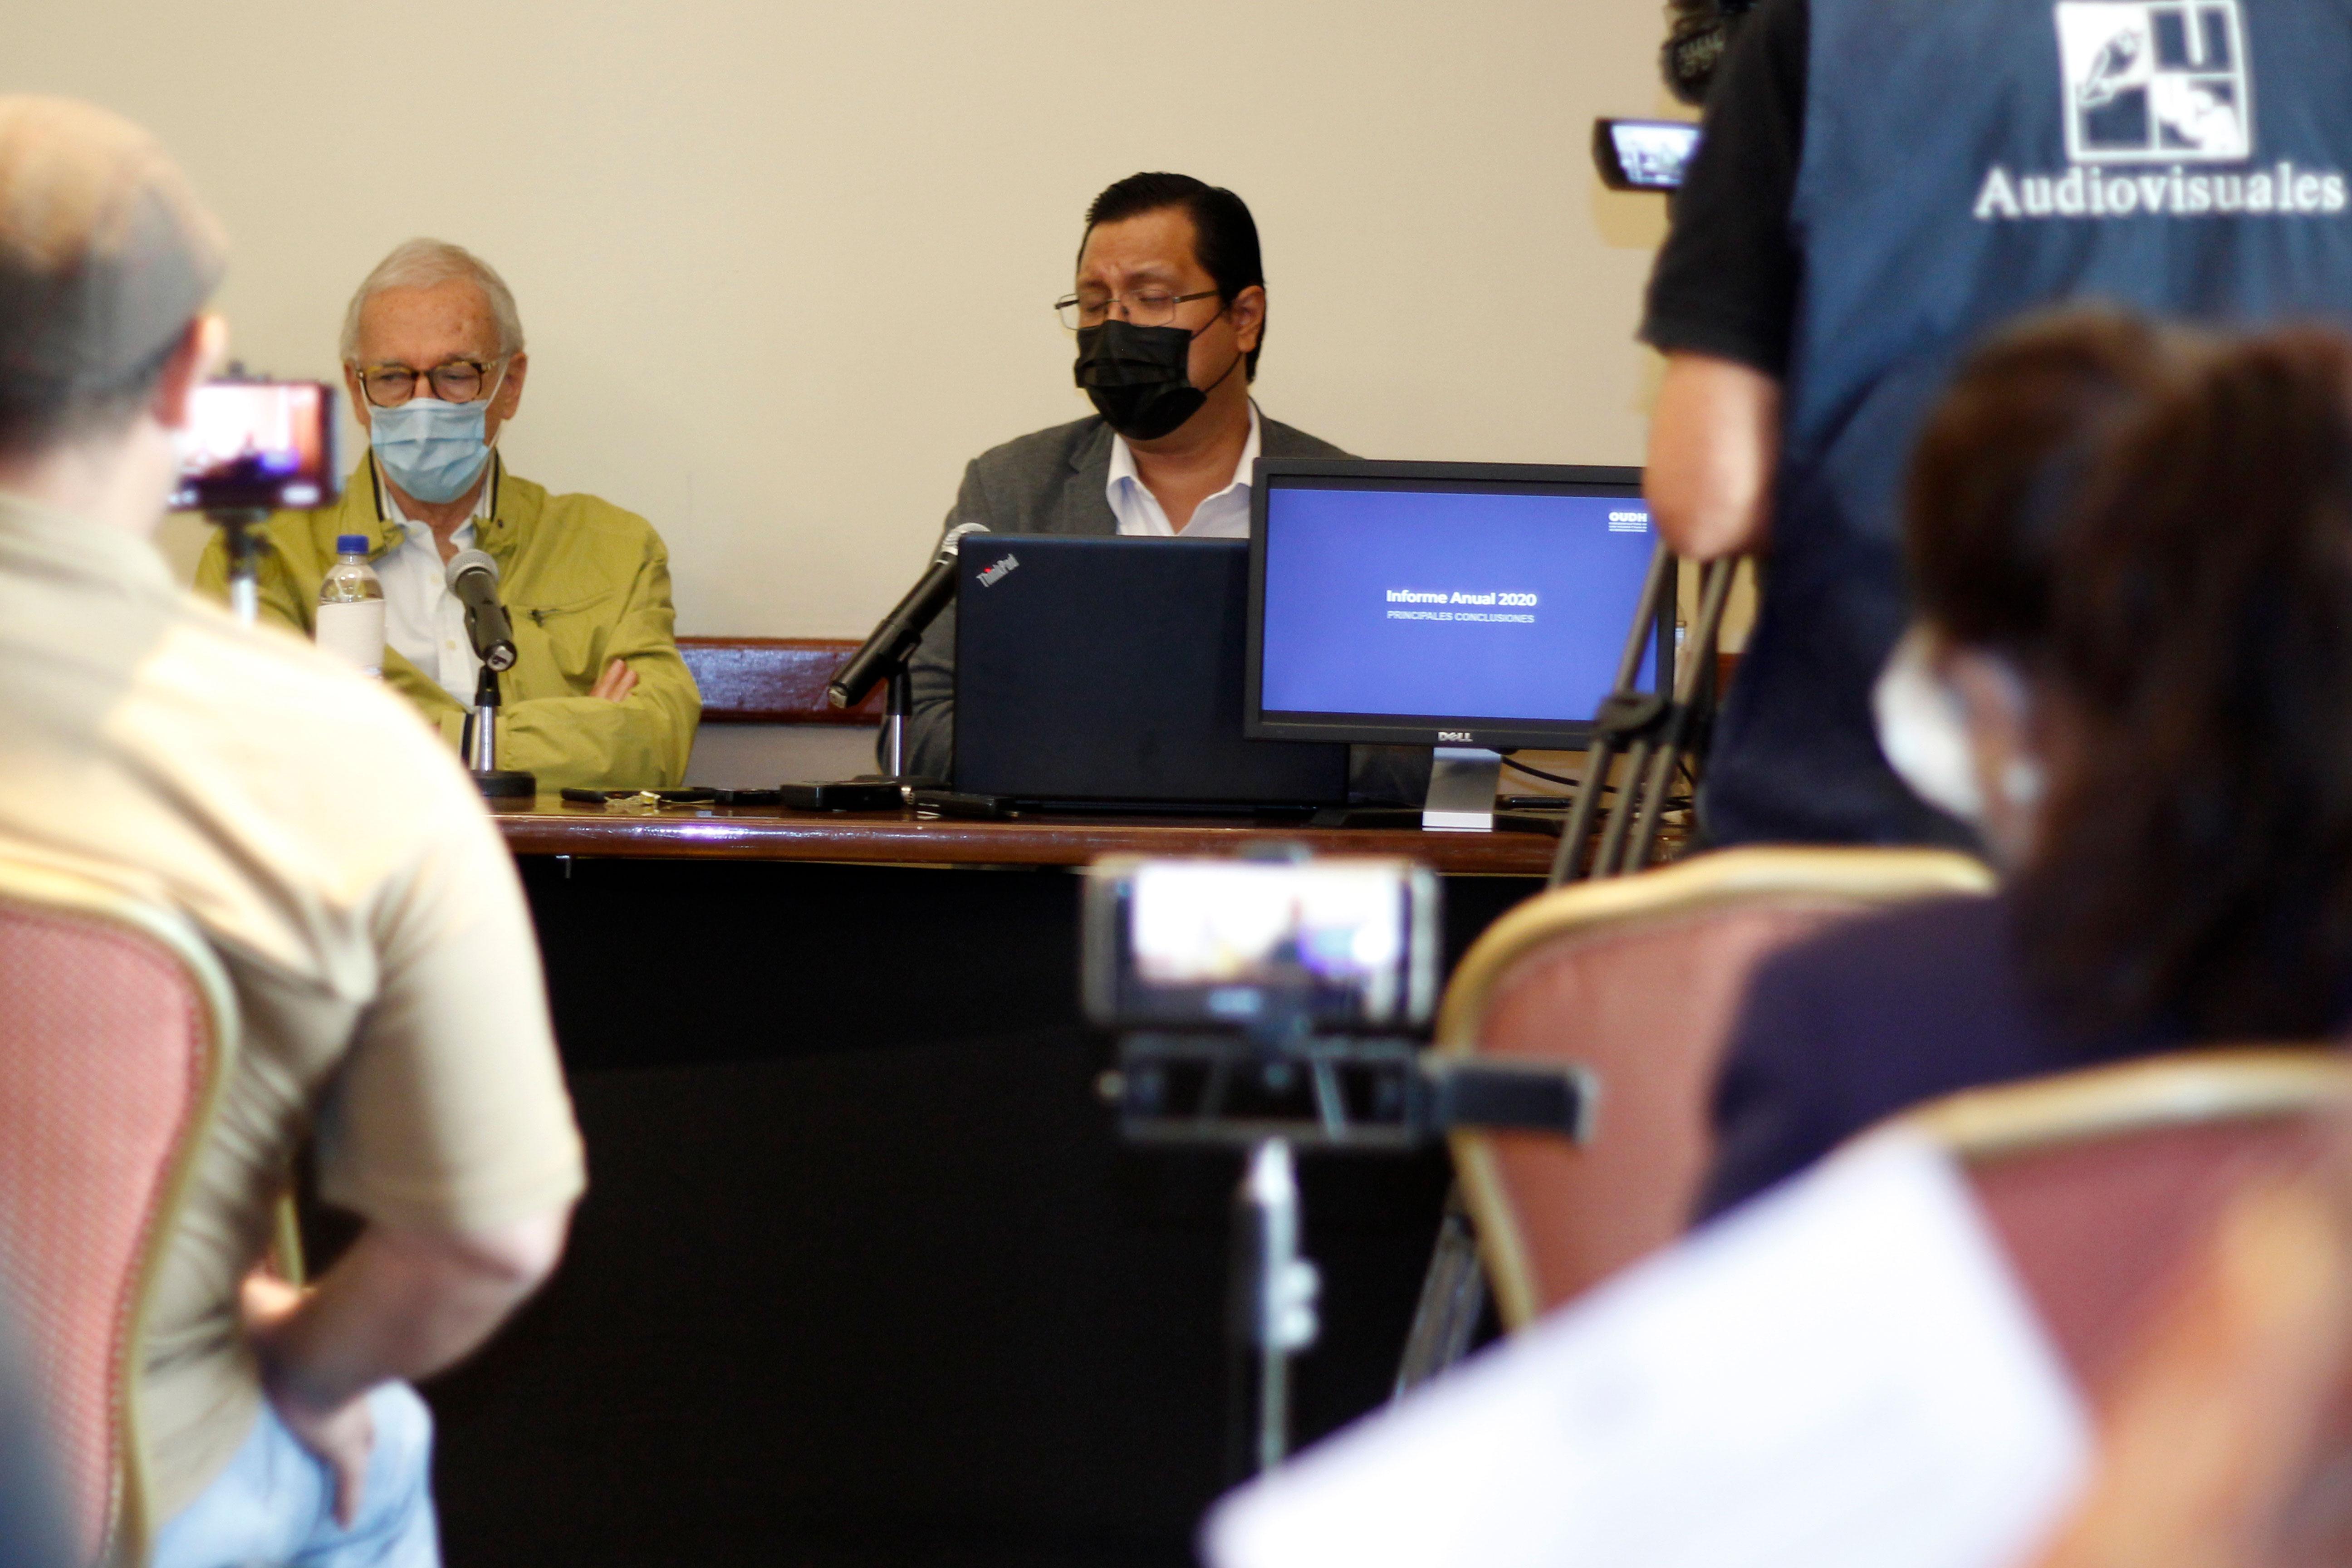 Conferencia de prensa sobre la presentación del Informe Anual 2020 del OUDH